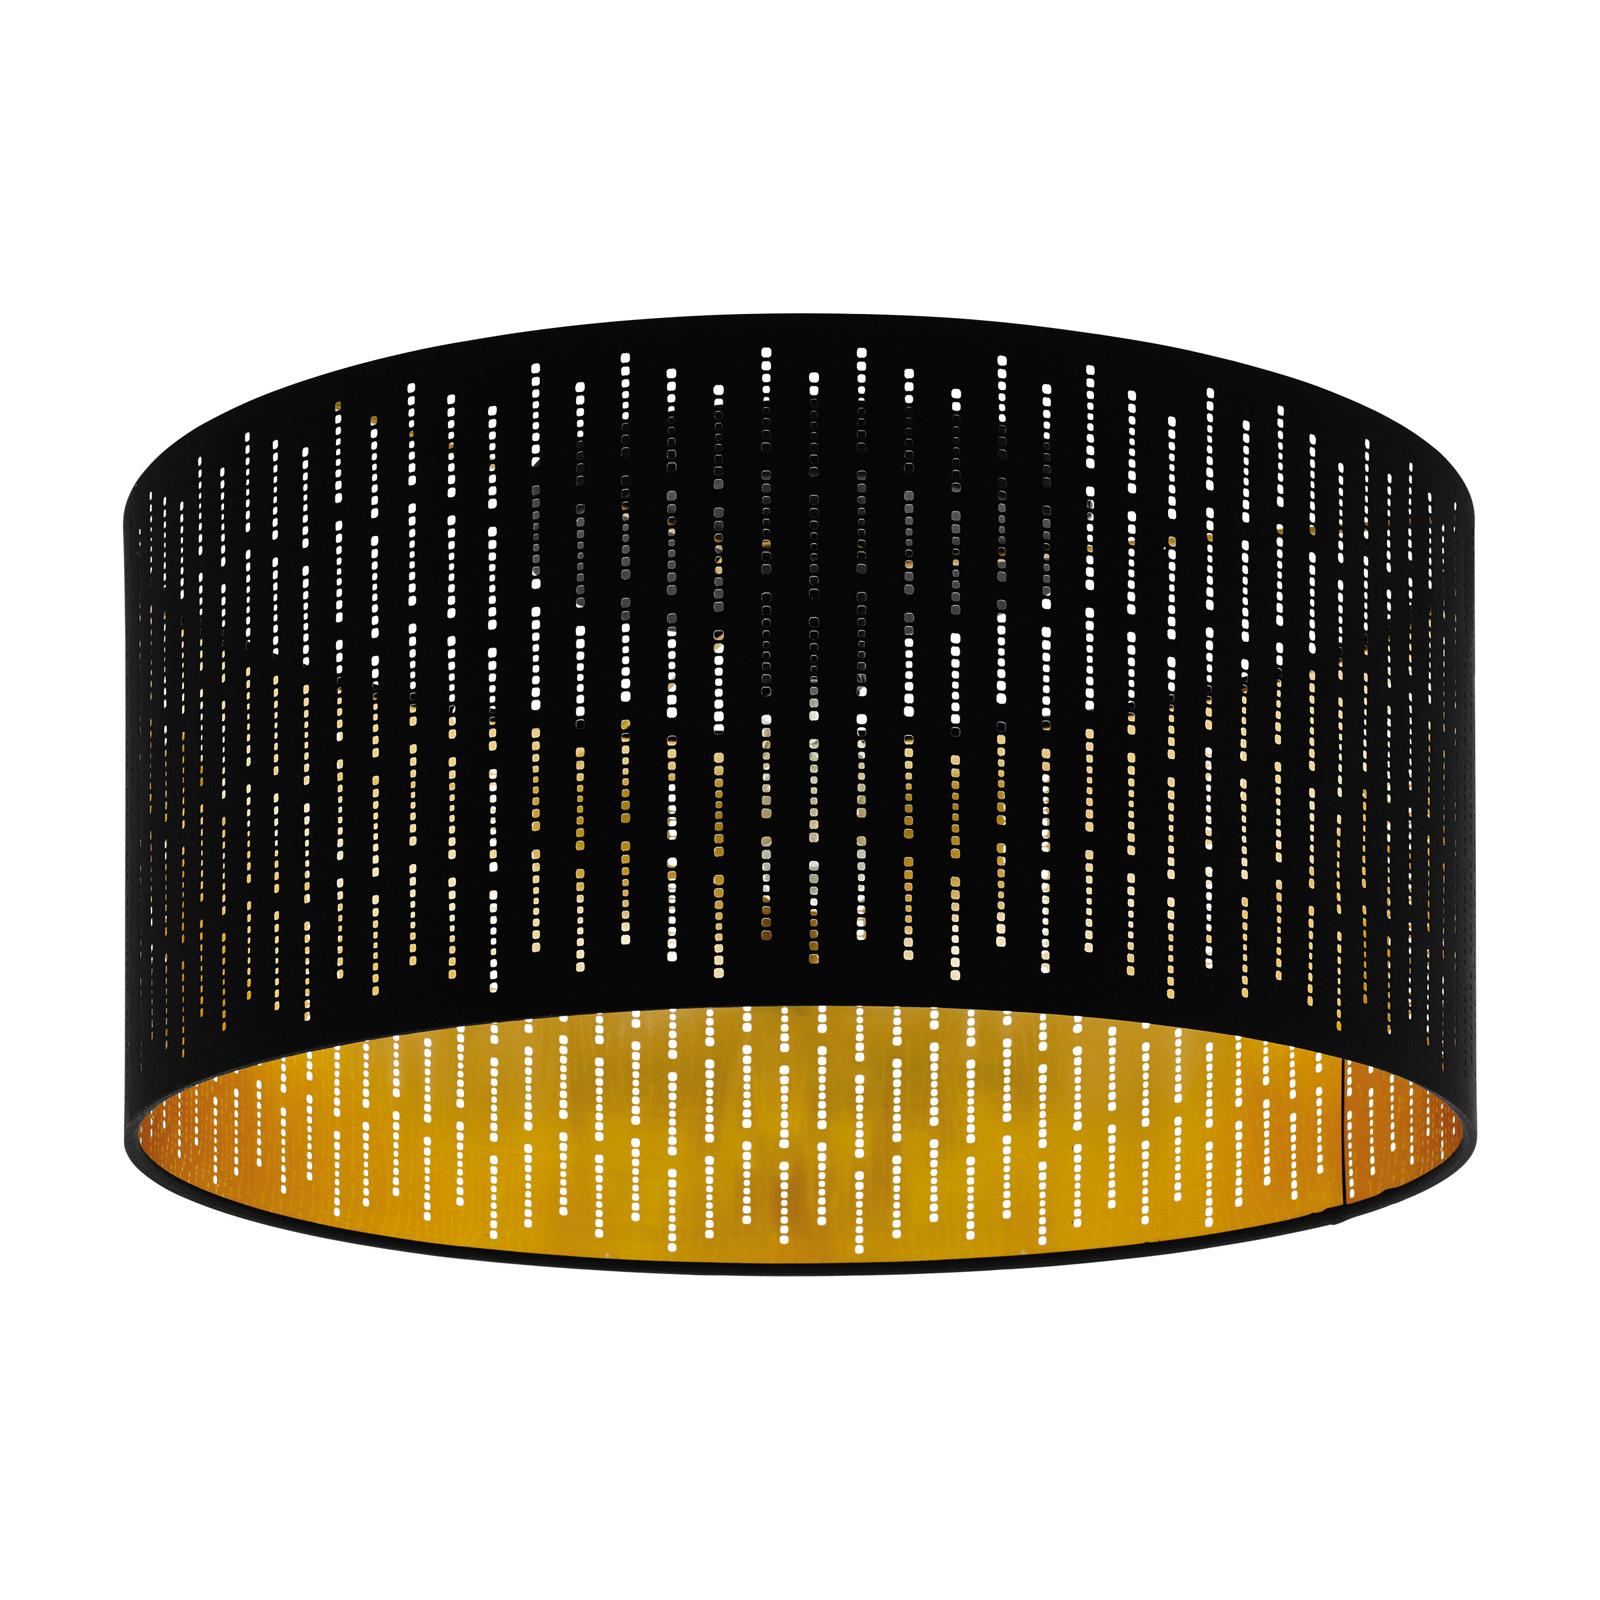 Lampa sufitowa Varillas w kolorze czarnym/złotym